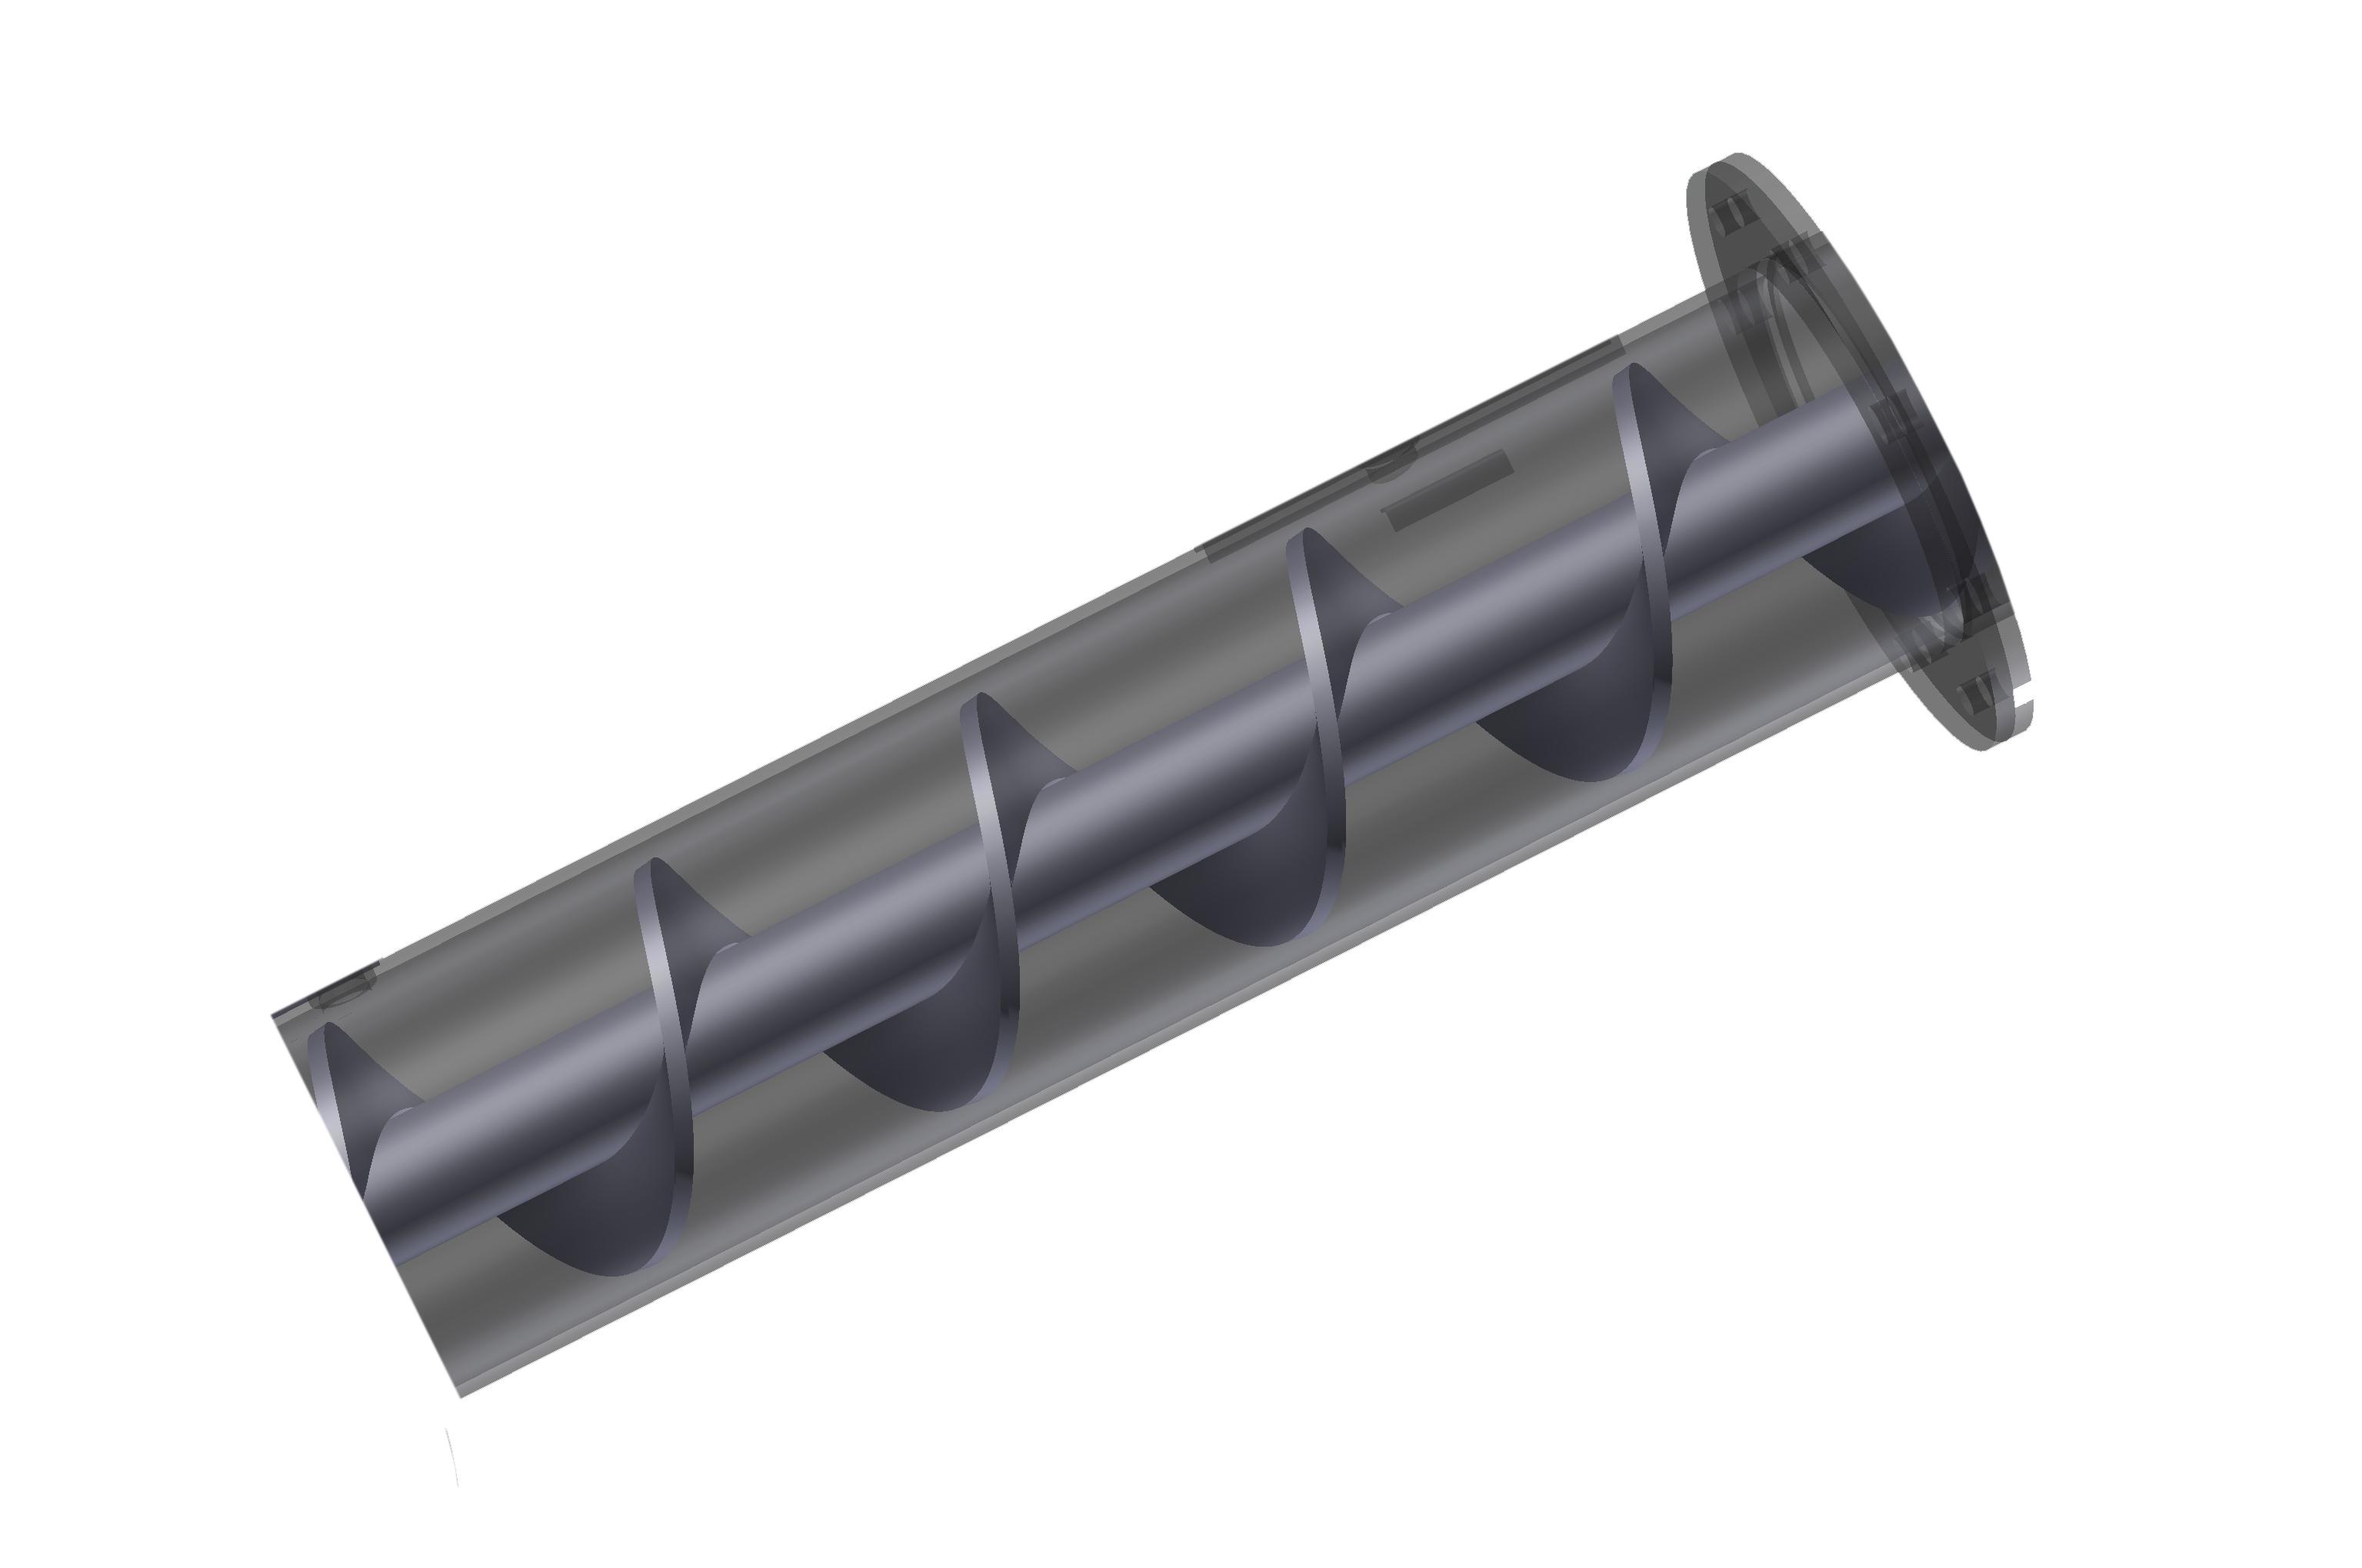 View Ash screws